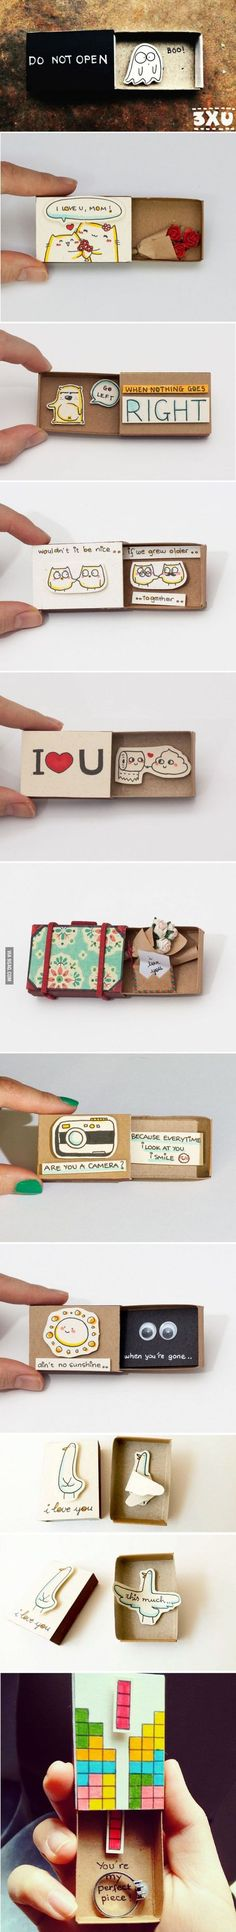 Nette Idee, aus Streichholz-Schachteln eine kleine Geschichte zaubern | www.lavita.de